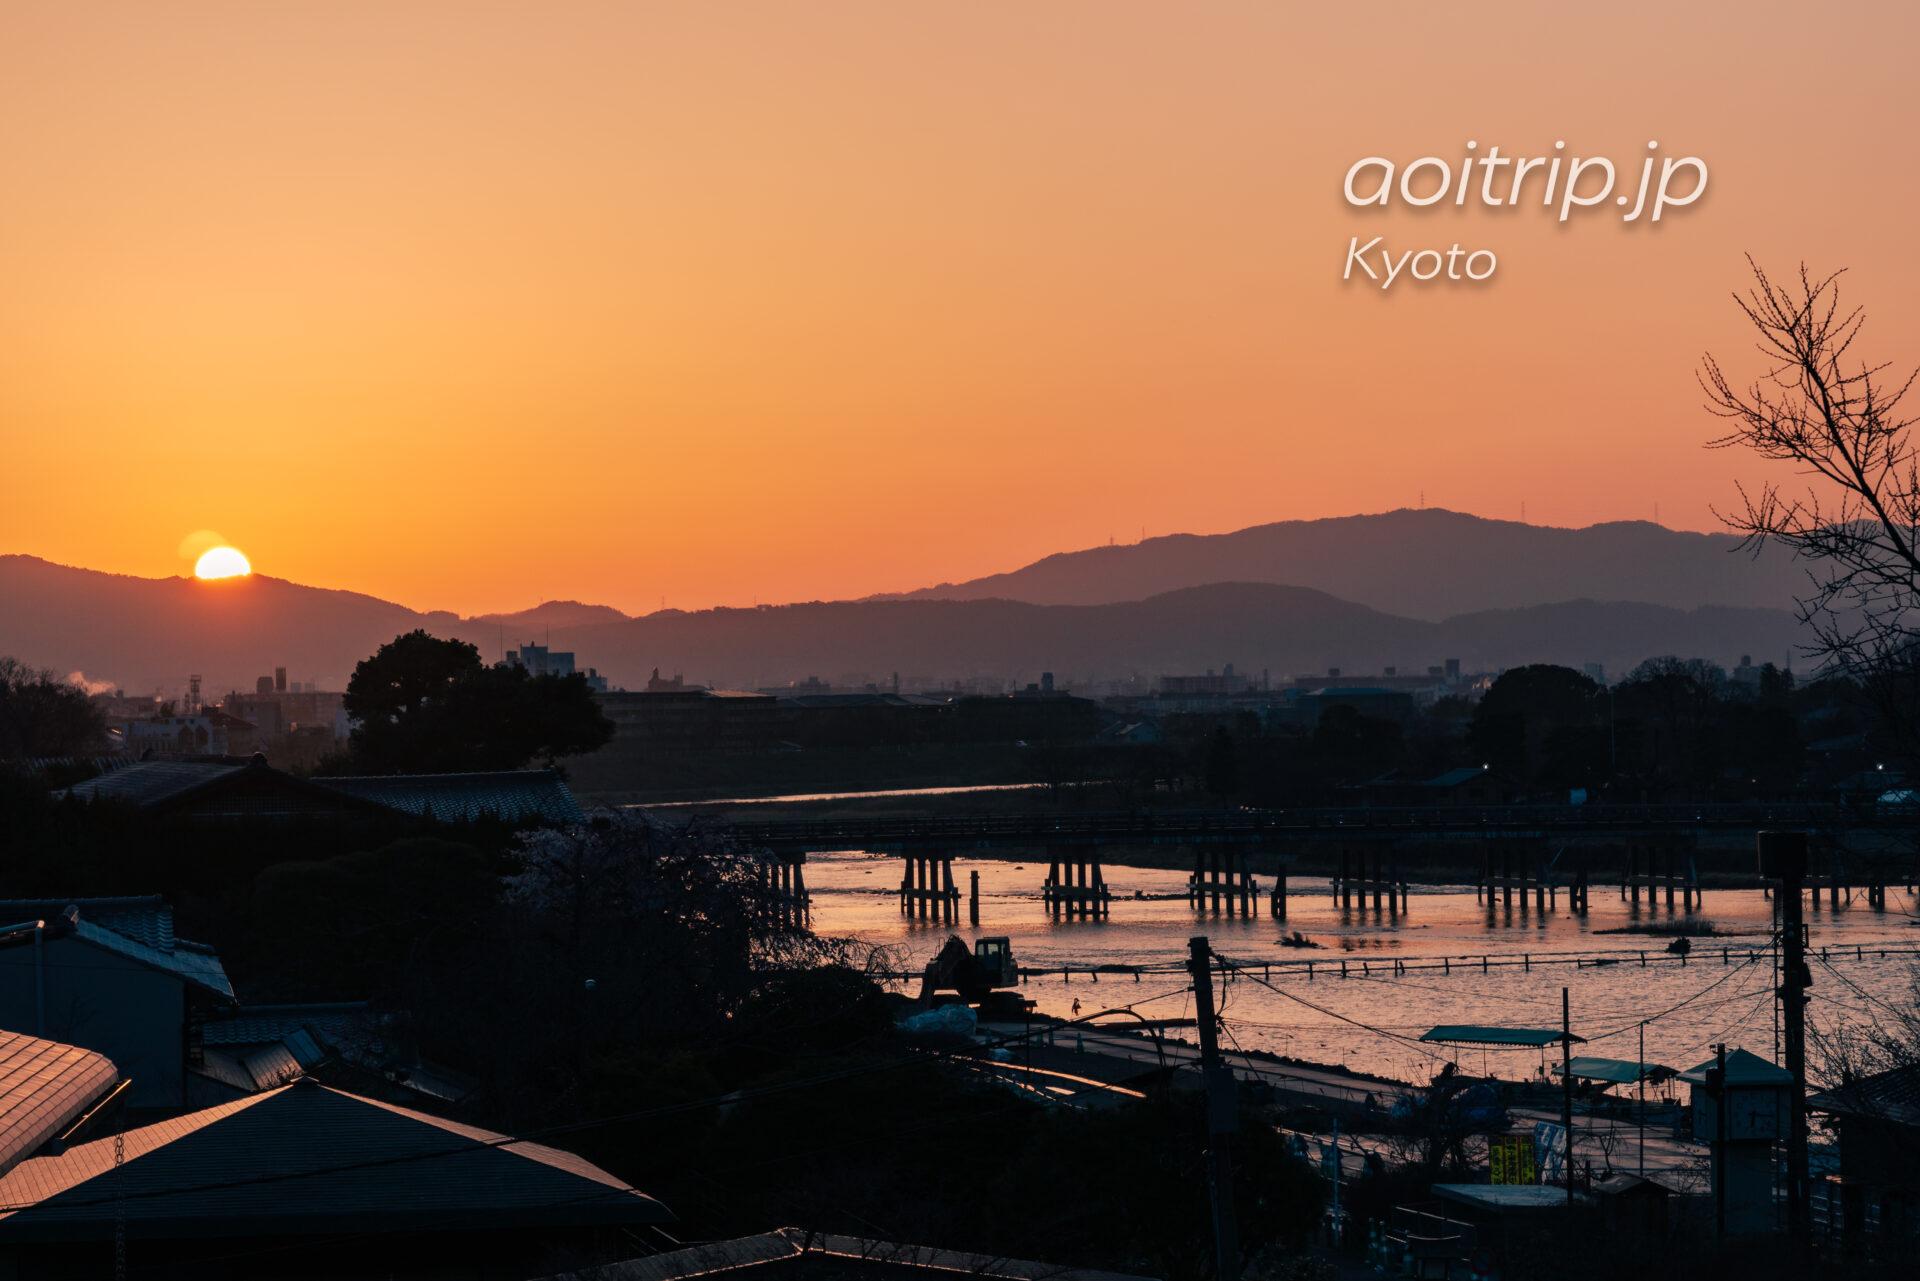 京都嵐山 夜明けの渡月橋と朝日